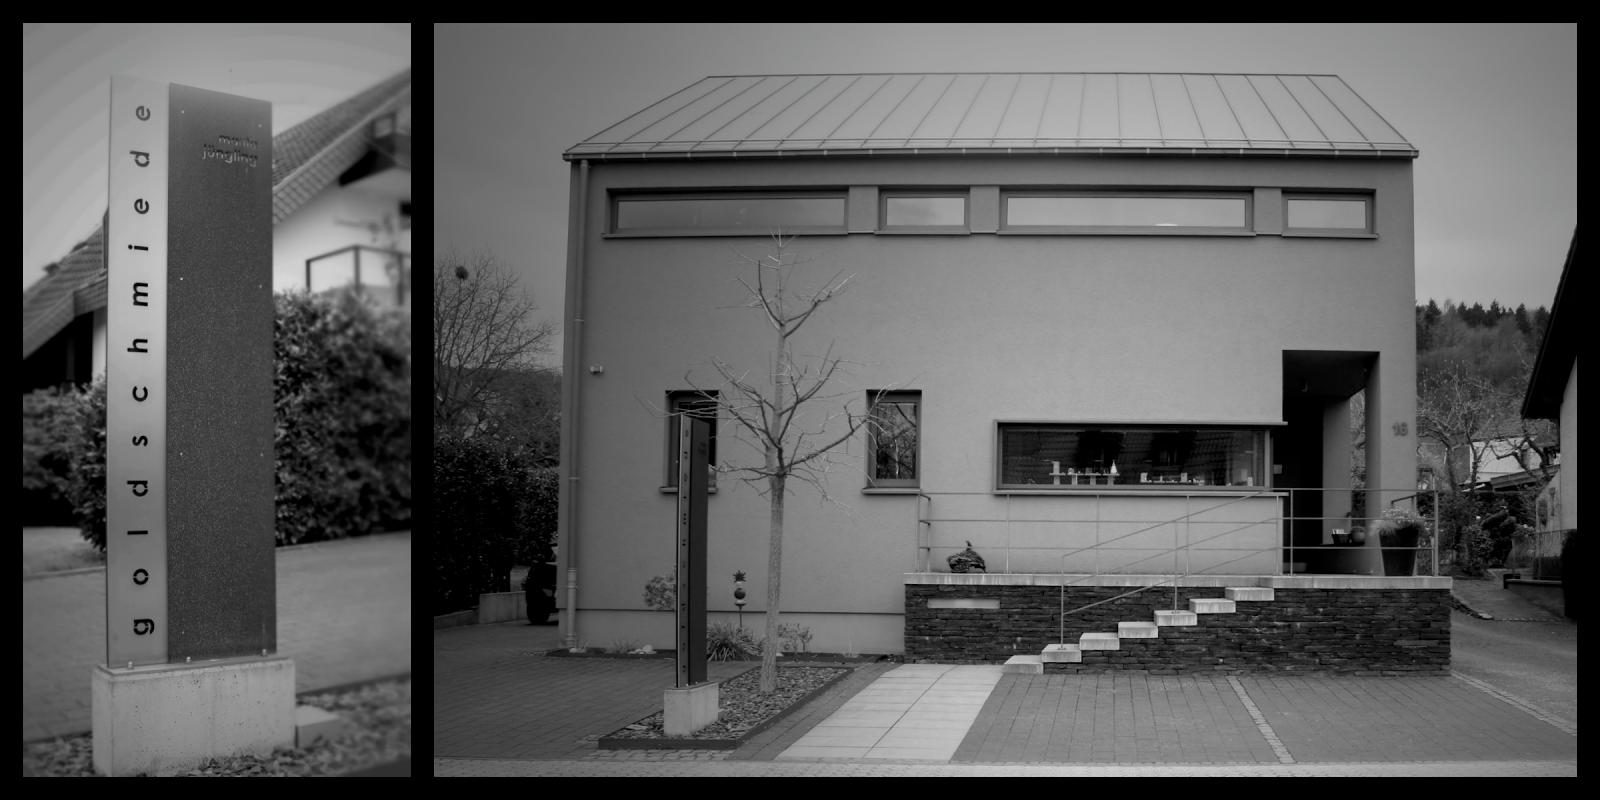 innenleben design: Architektur